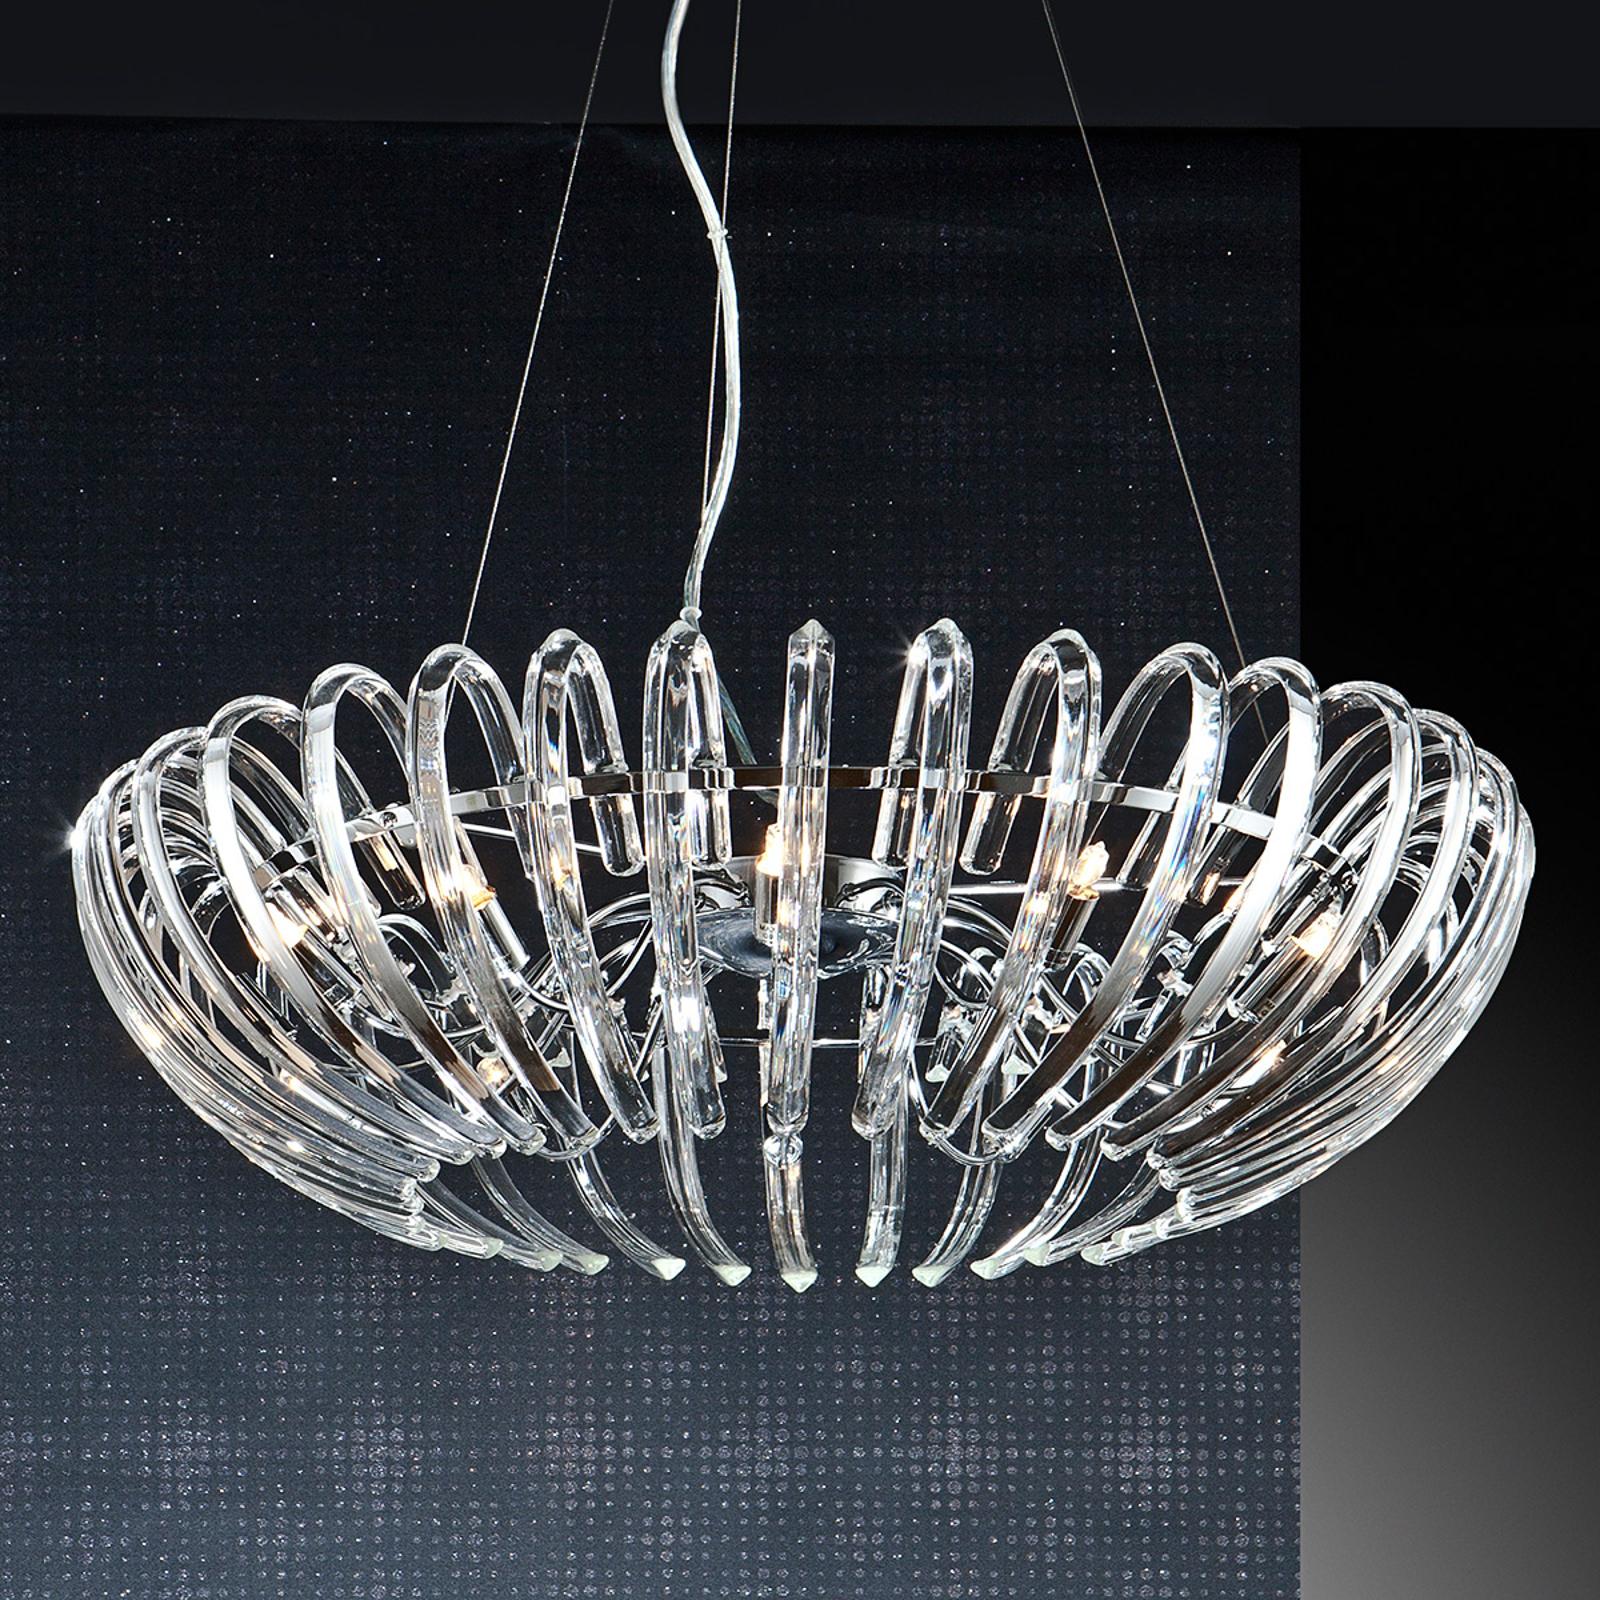 Kryształowa lampa wisząca ARIADNA, przezr., 66 cm